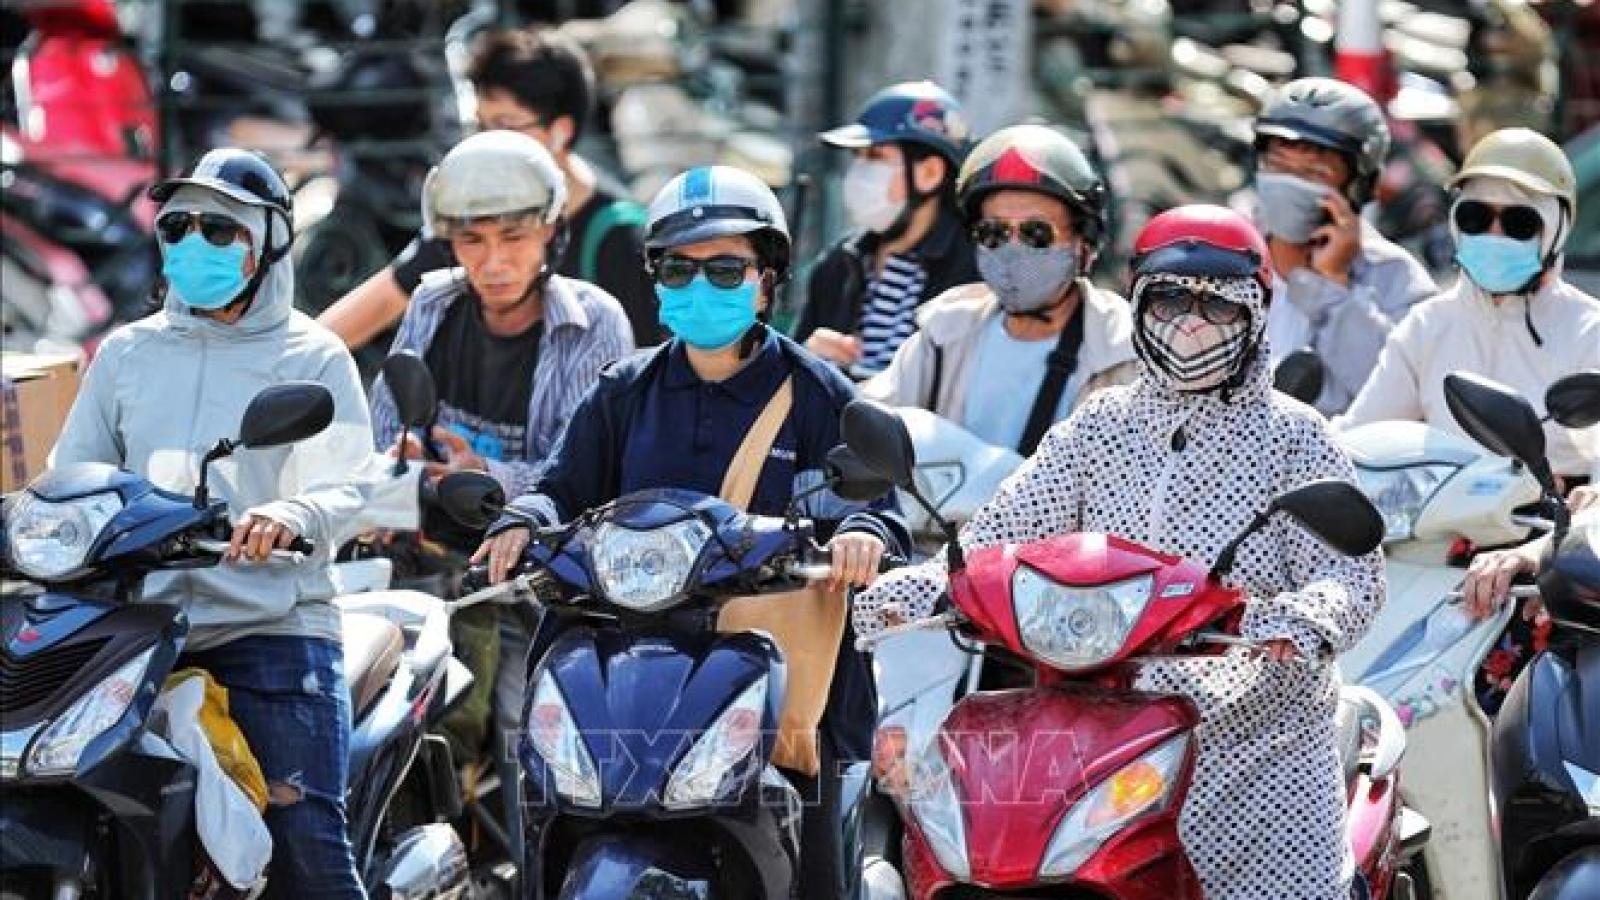 Intense heat wave returns to northern Vietnam